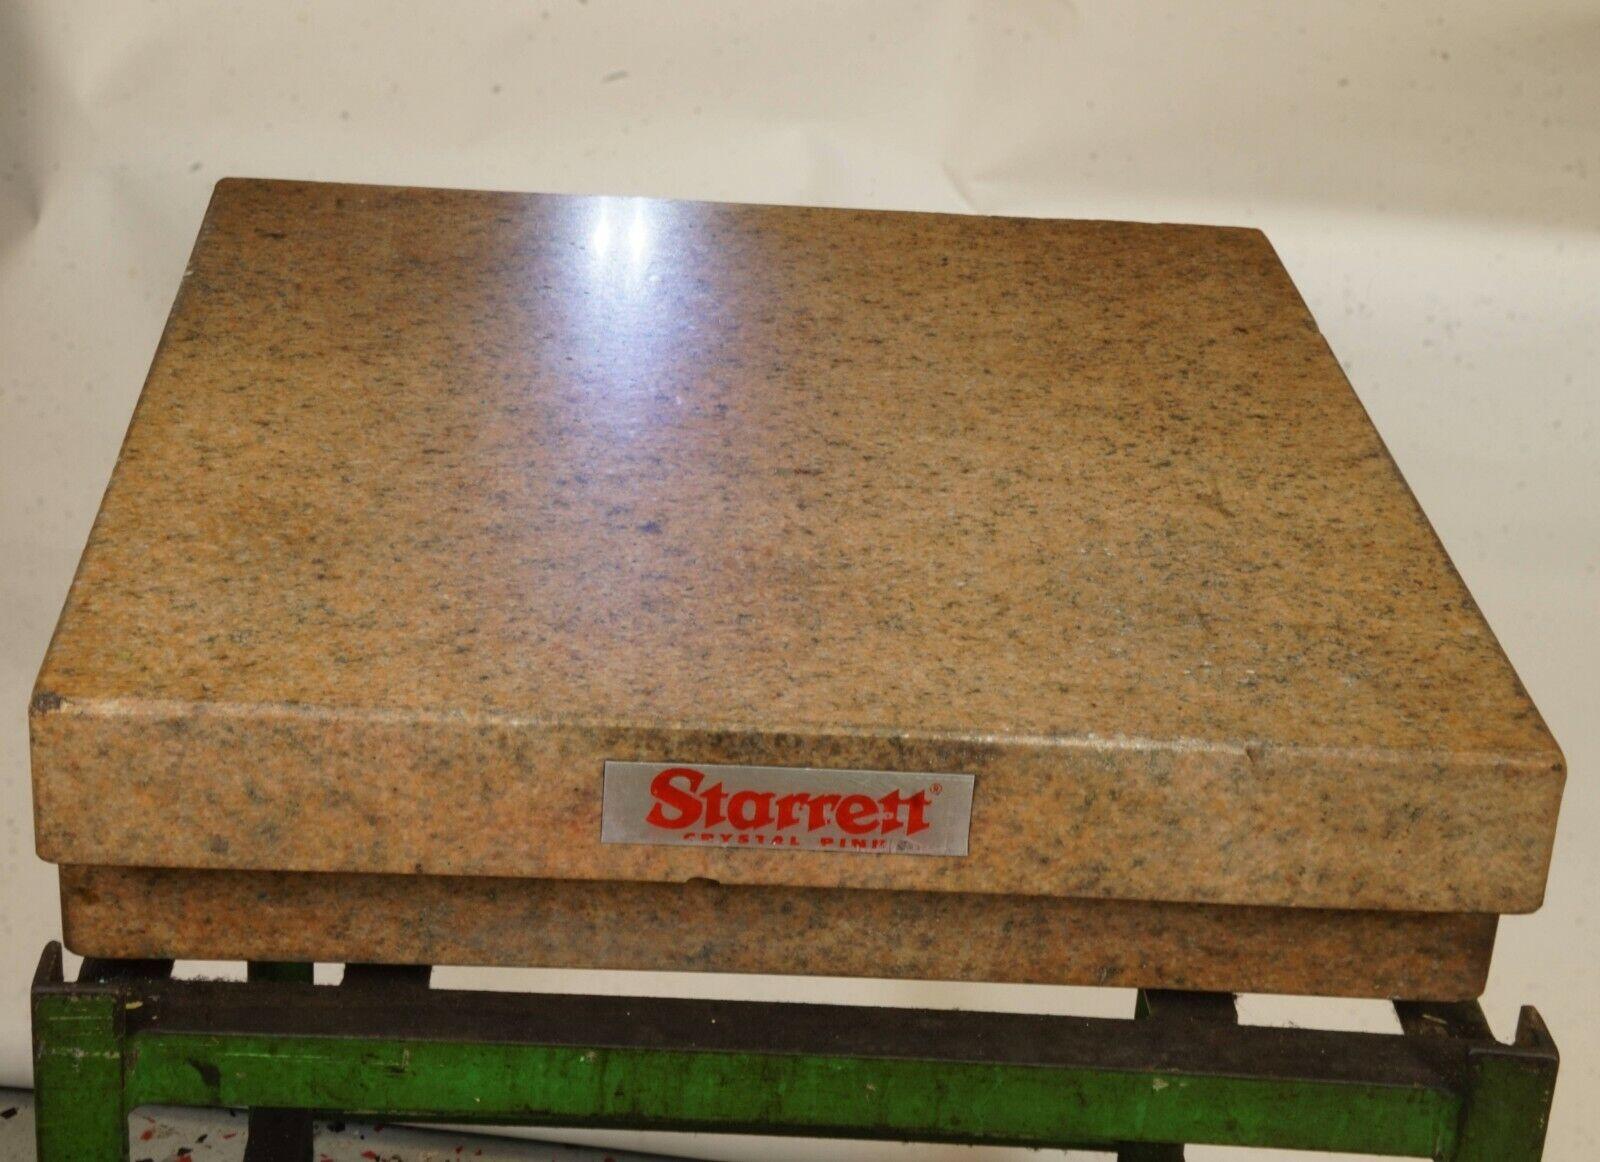 Starrett granite plate